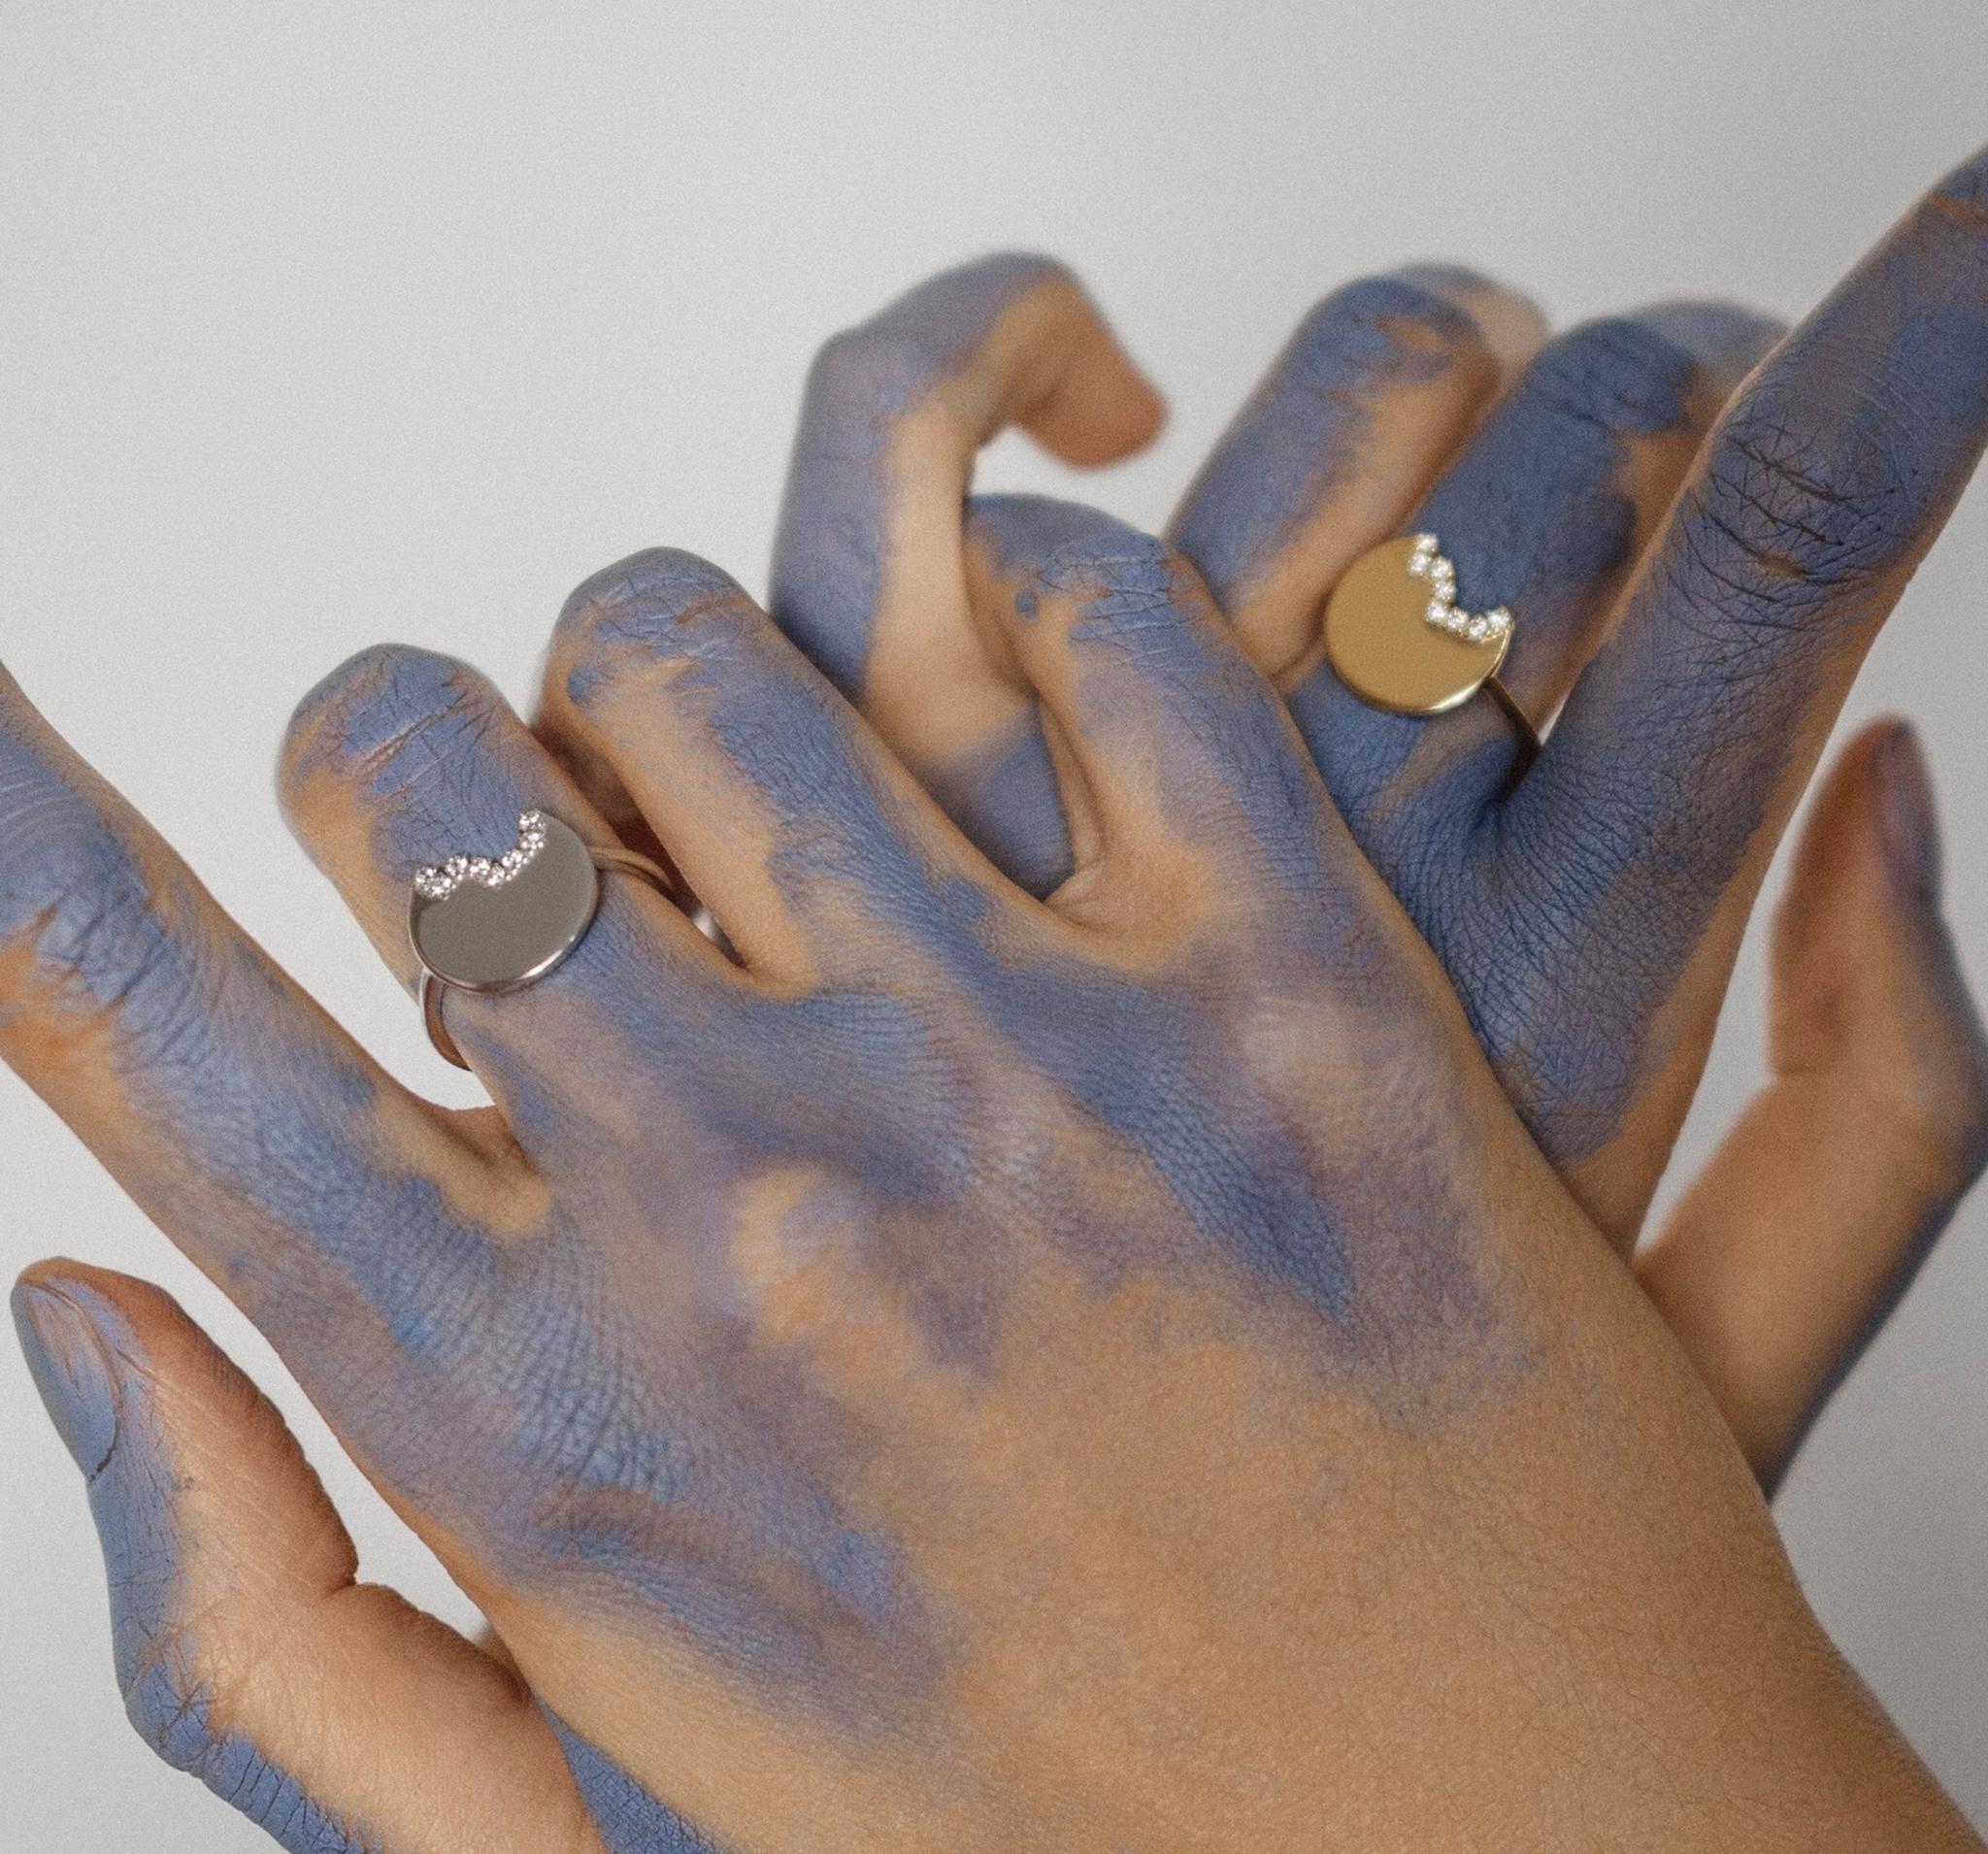 Нежное кольцо из серебра с неровным краем, украшенным фианитами от NASTYA MAXIMOVA